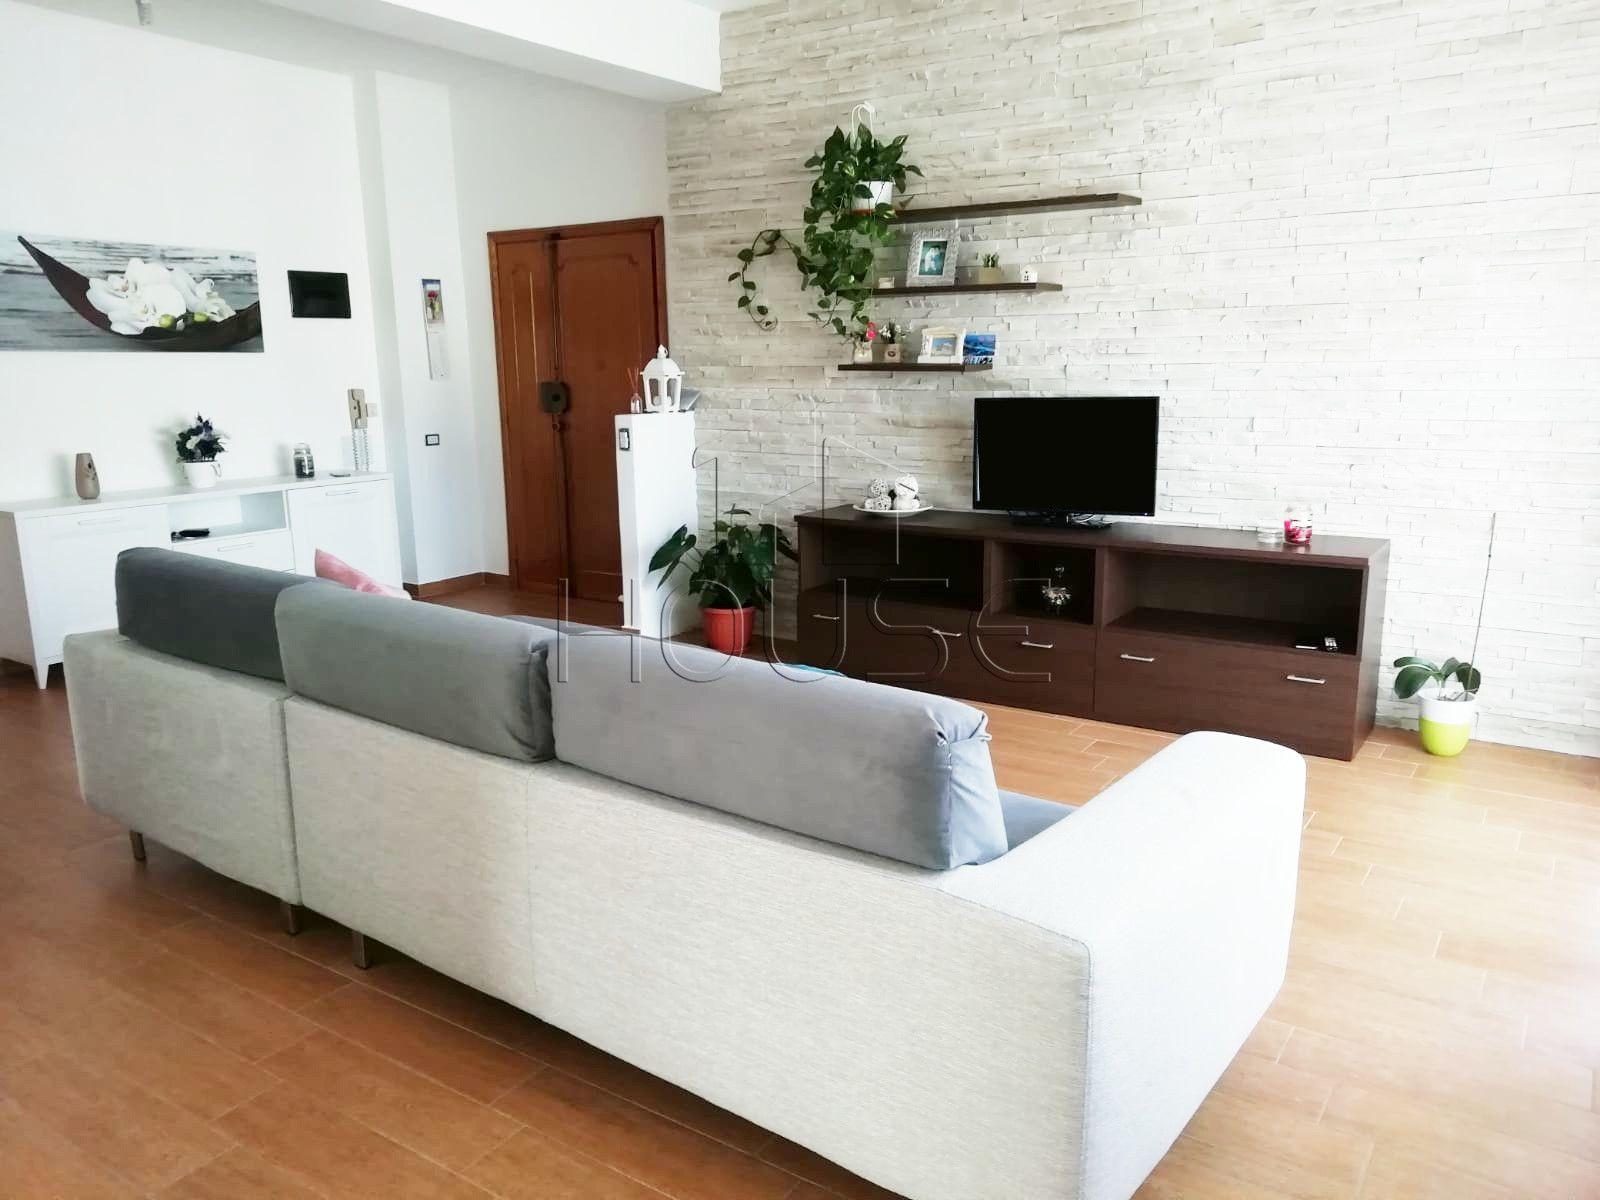 Photo of Appartamento ristrutturato – Umbertide € 149000 (Rif.: 2917)  Appartamento ris…